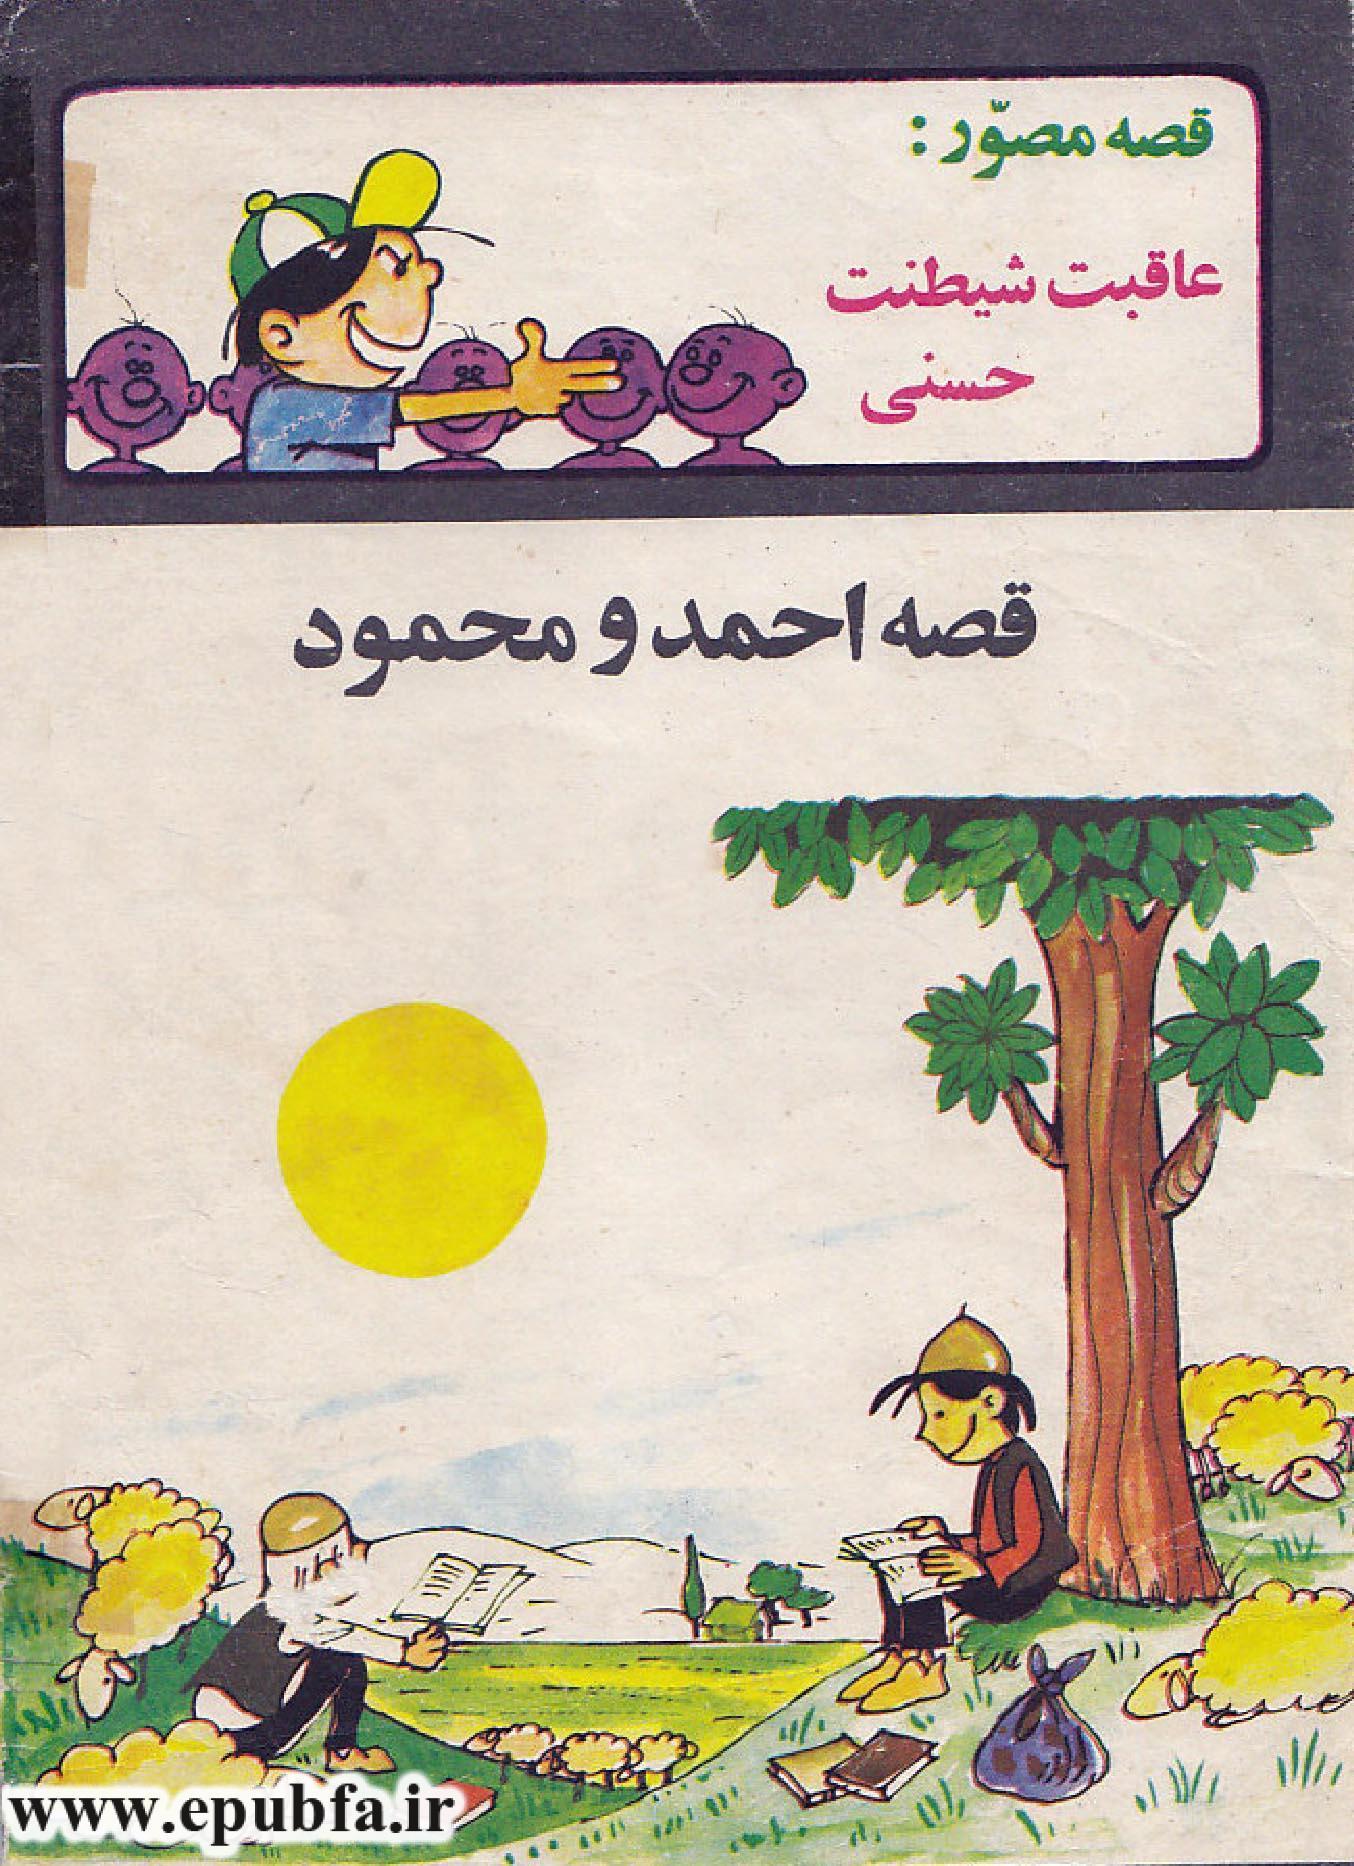 کتاب قصه کودکانه قصه احمد و محمود در سایت ایپابفا (1).jpg